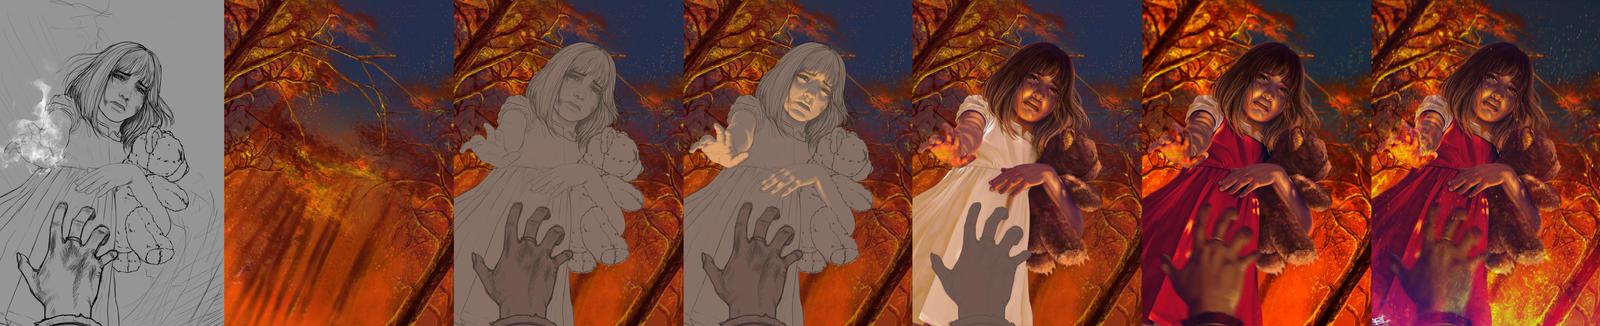 Annie LOL fan art Process by Hype-Arts